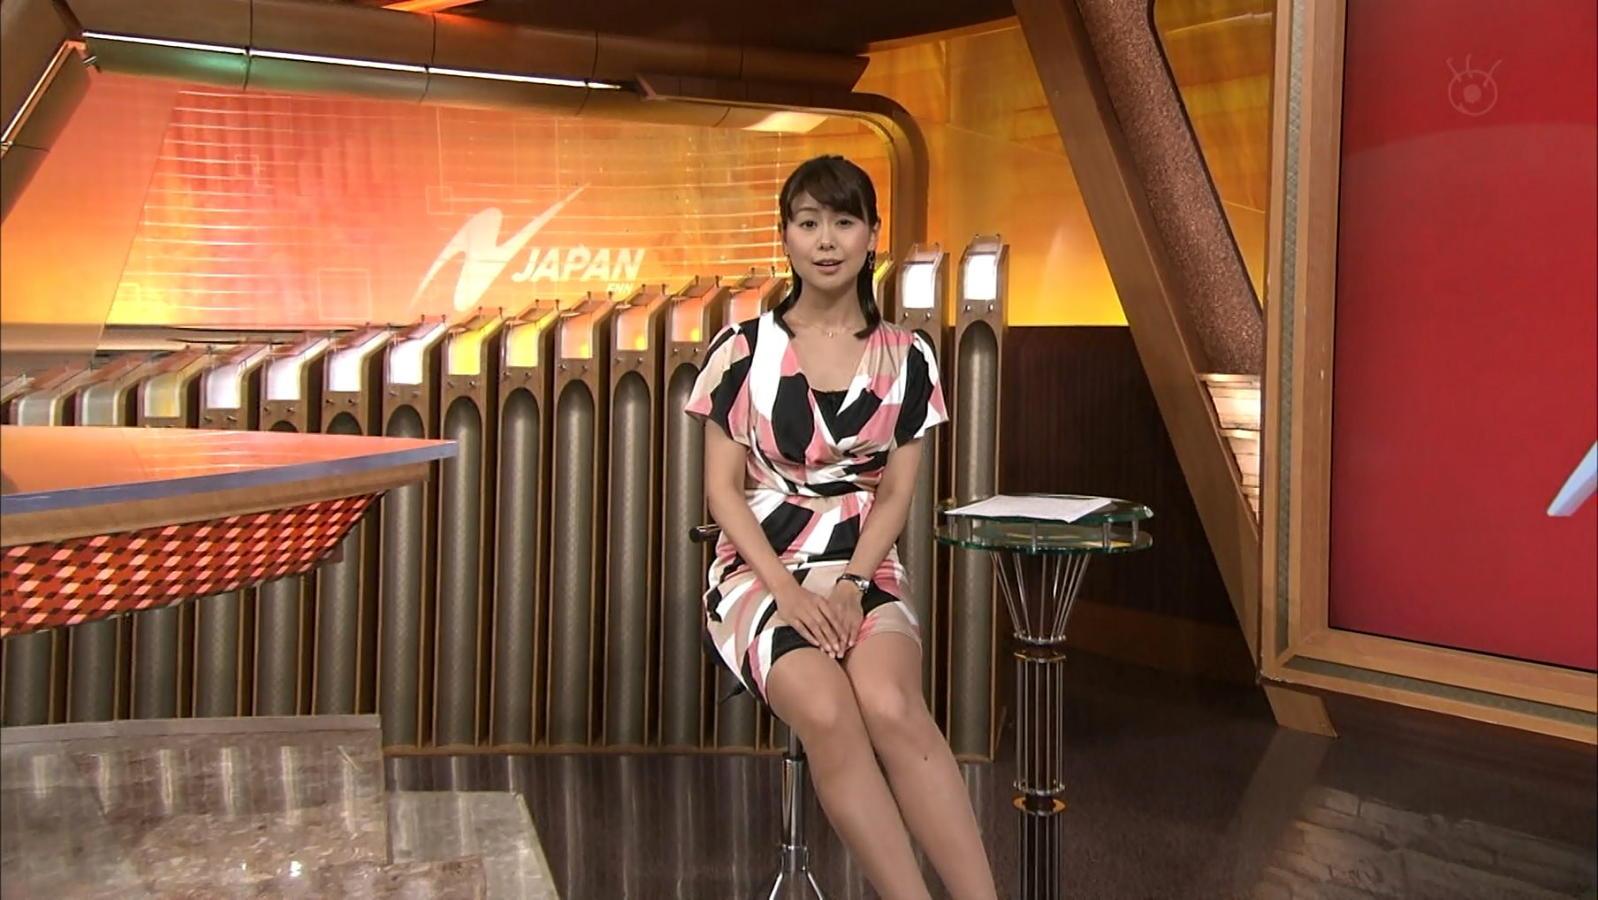 山中章子 ニュースJAPAN 13/08/09